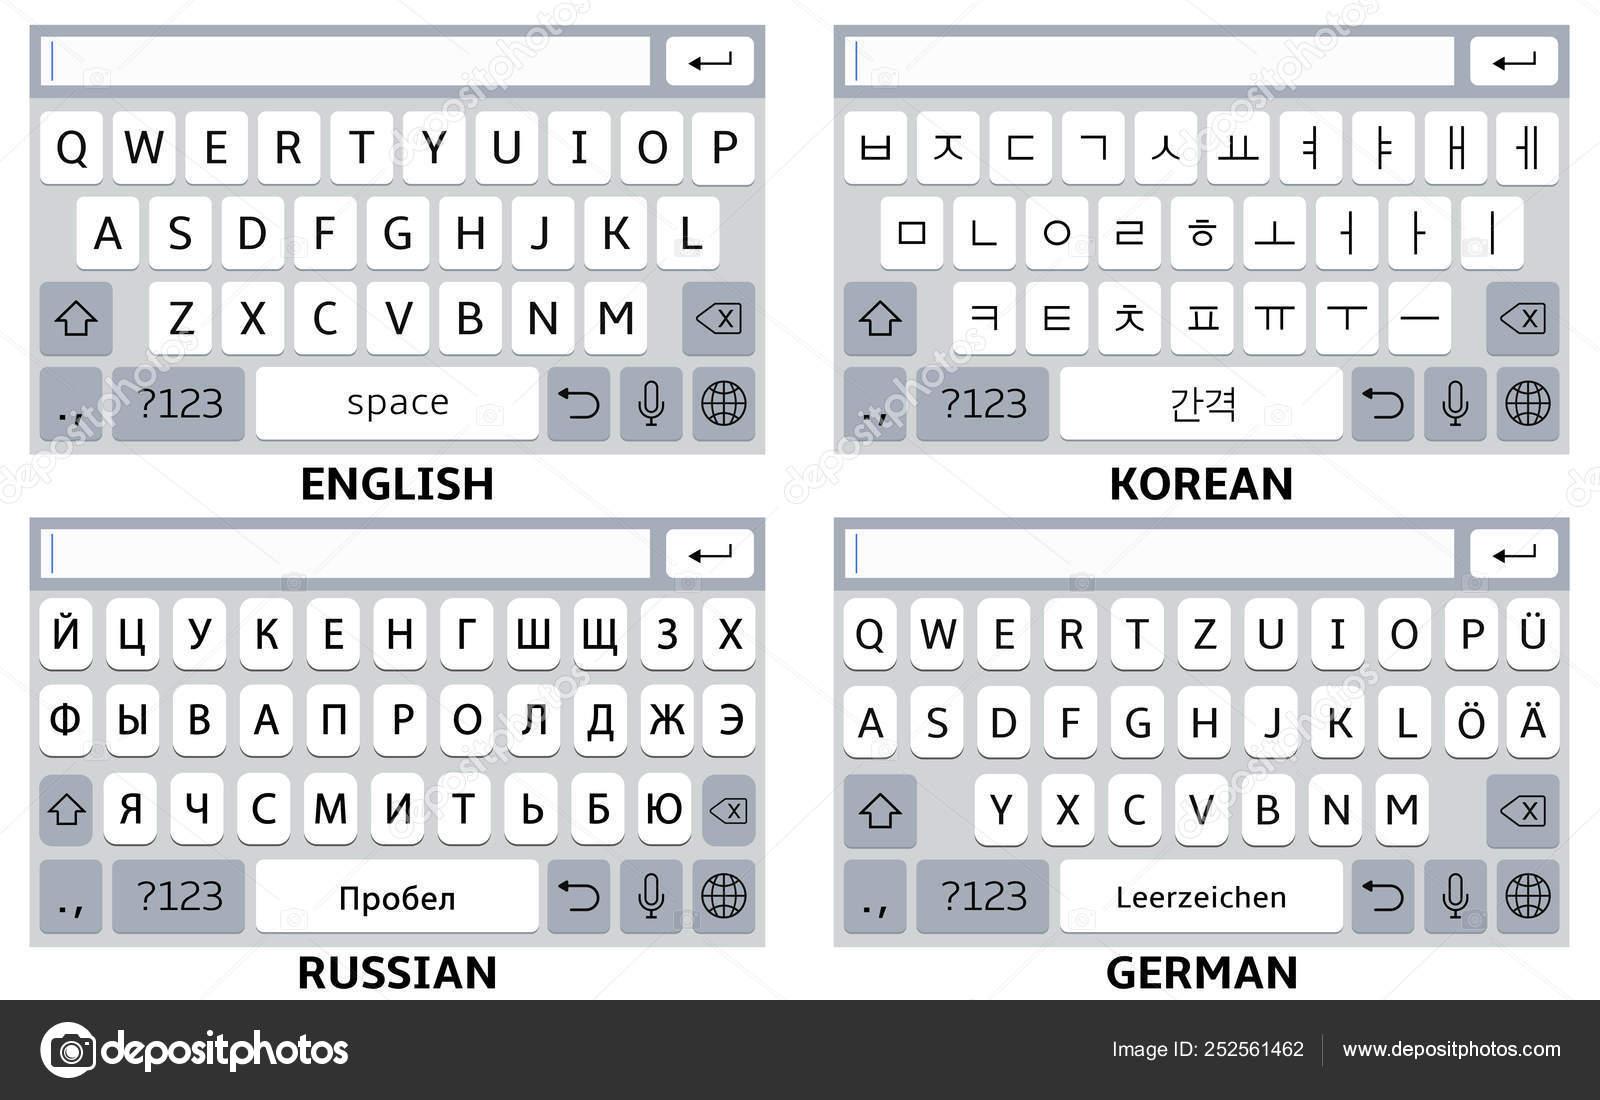 корейская клавиатура скачать бесплатно